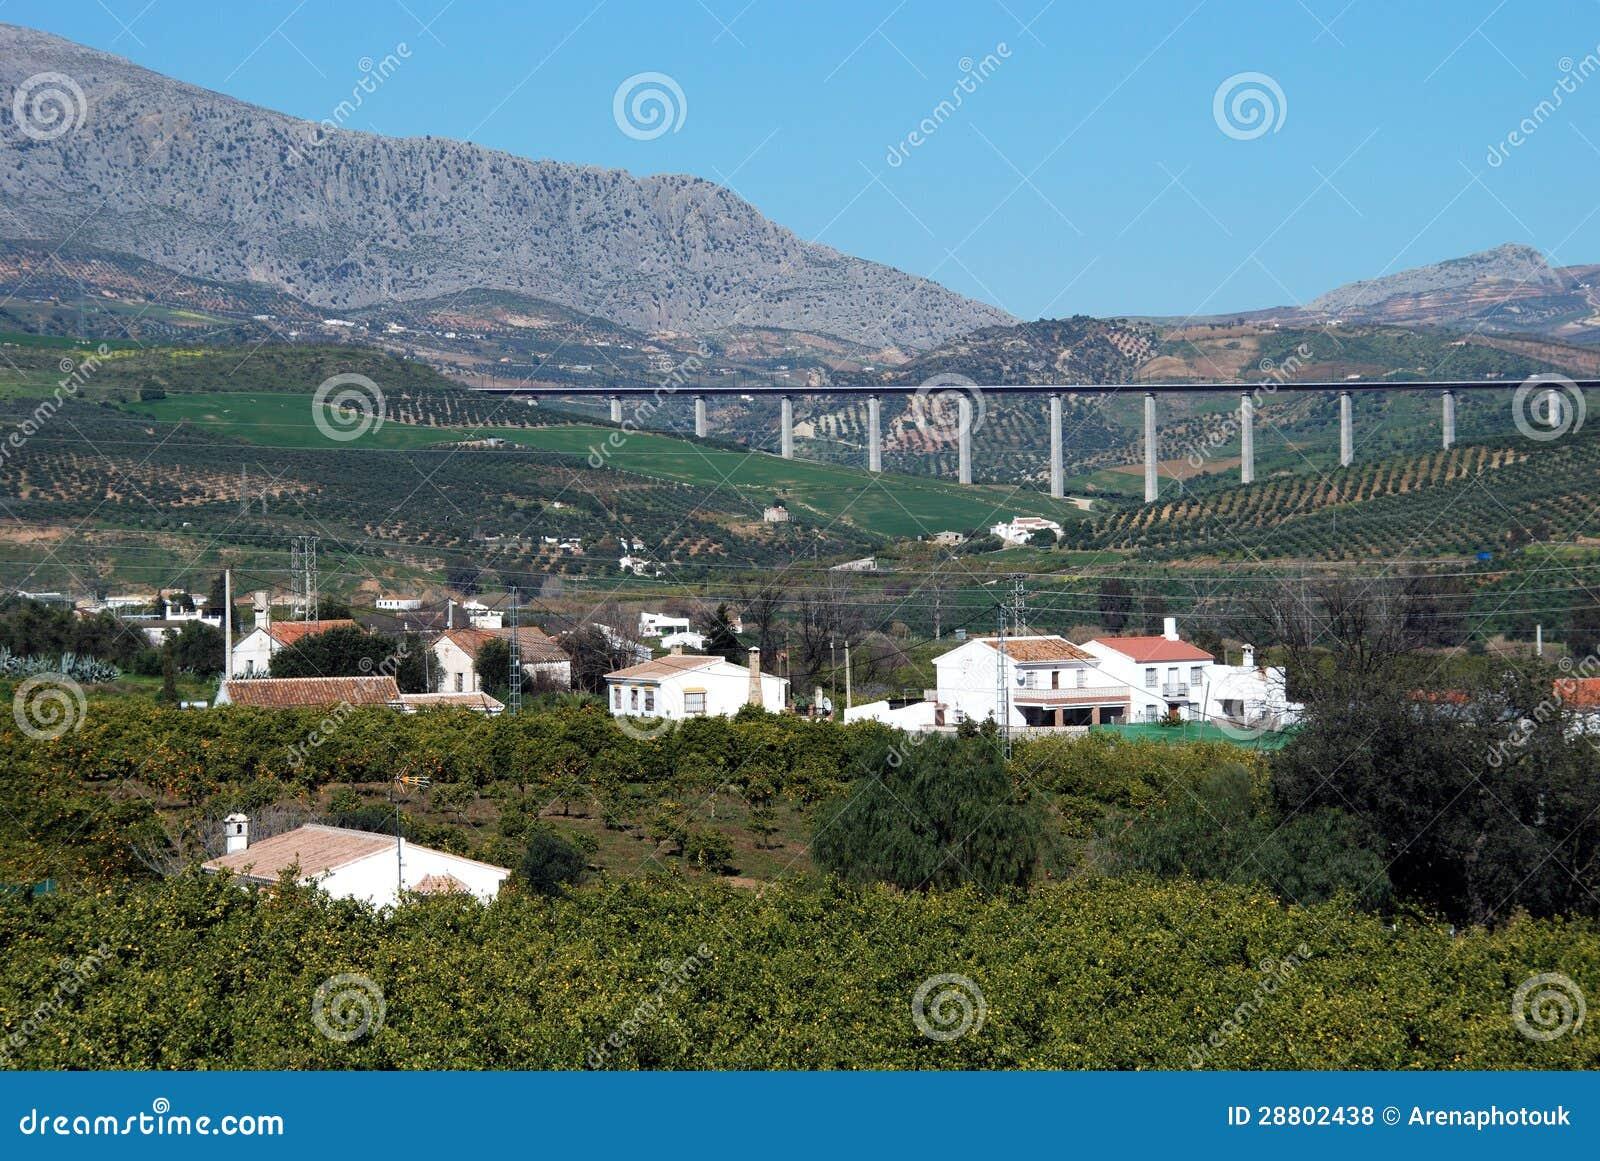 Jordbruks- land, Andalusia, Spanien.